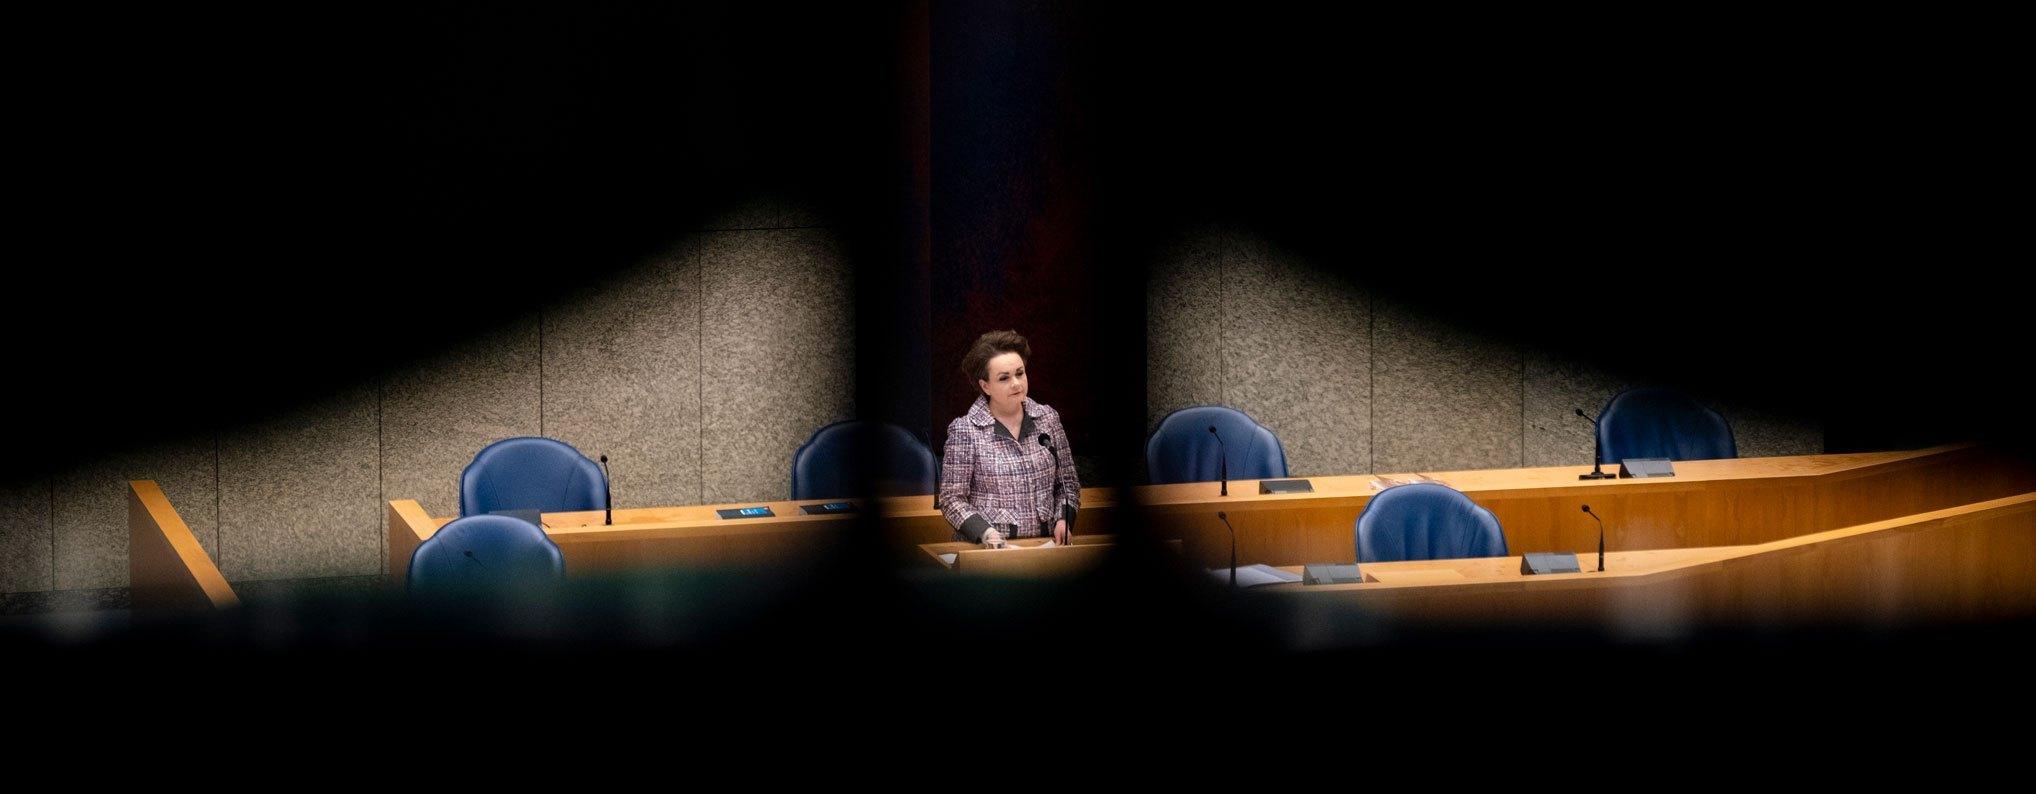 1-Politiek-s-David-van-Dam-Ongekend-onrecht-003